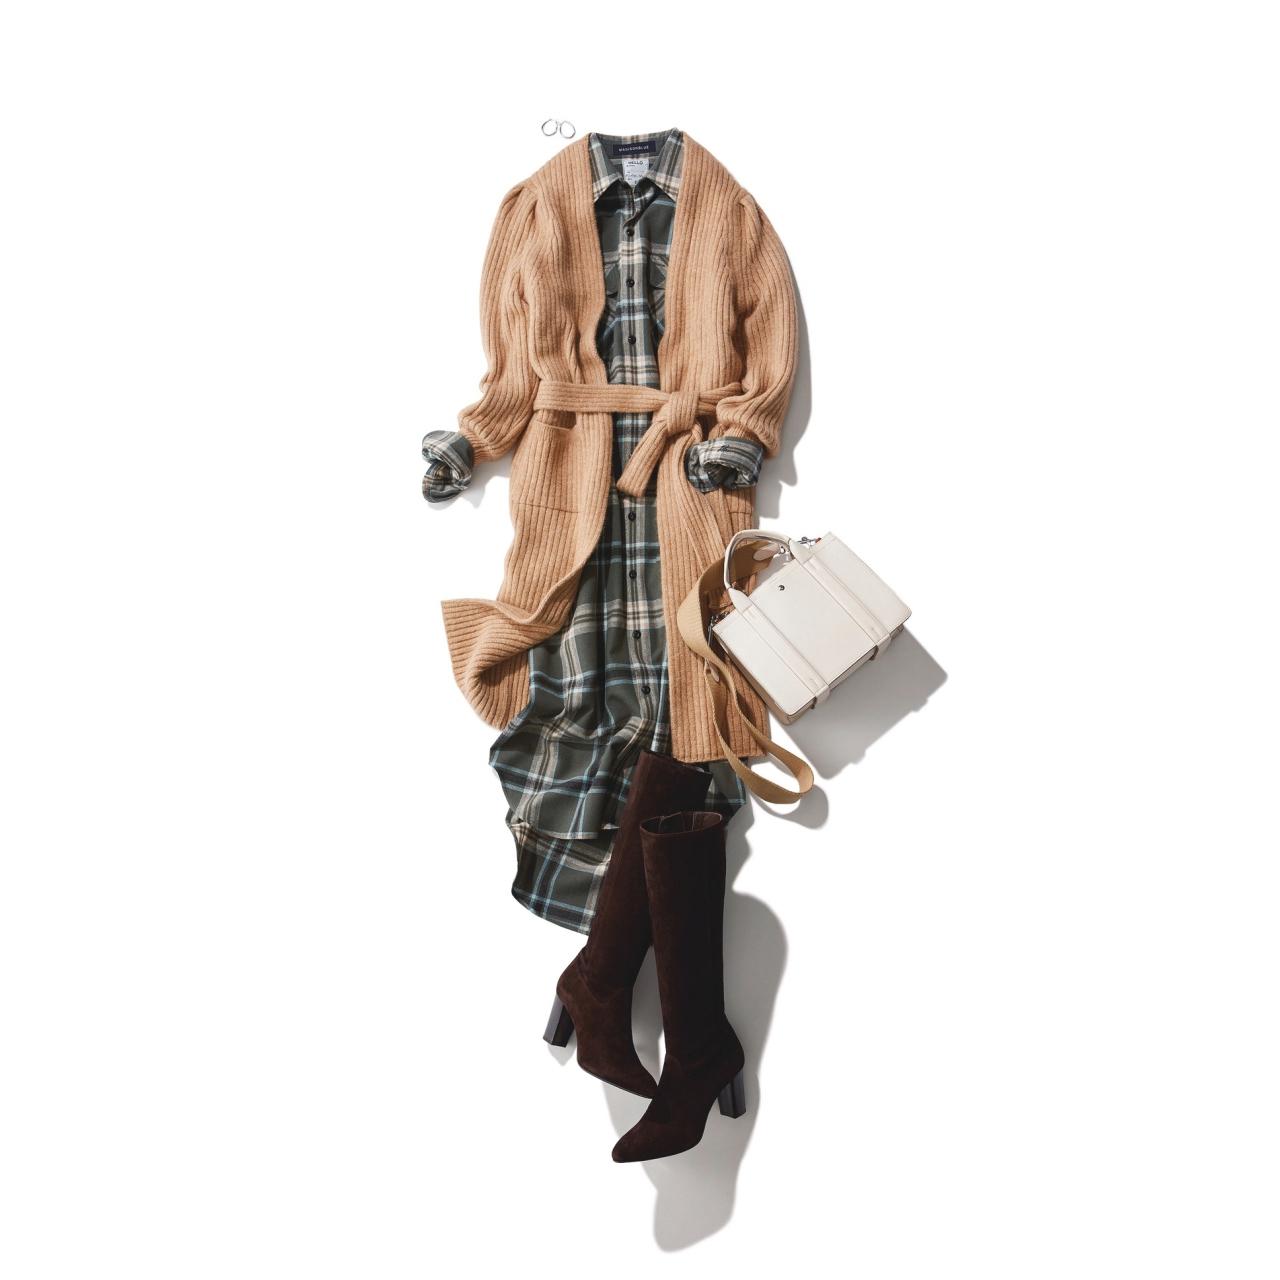 チェック柄ワンピース×ロングブーツのファッションコーデ